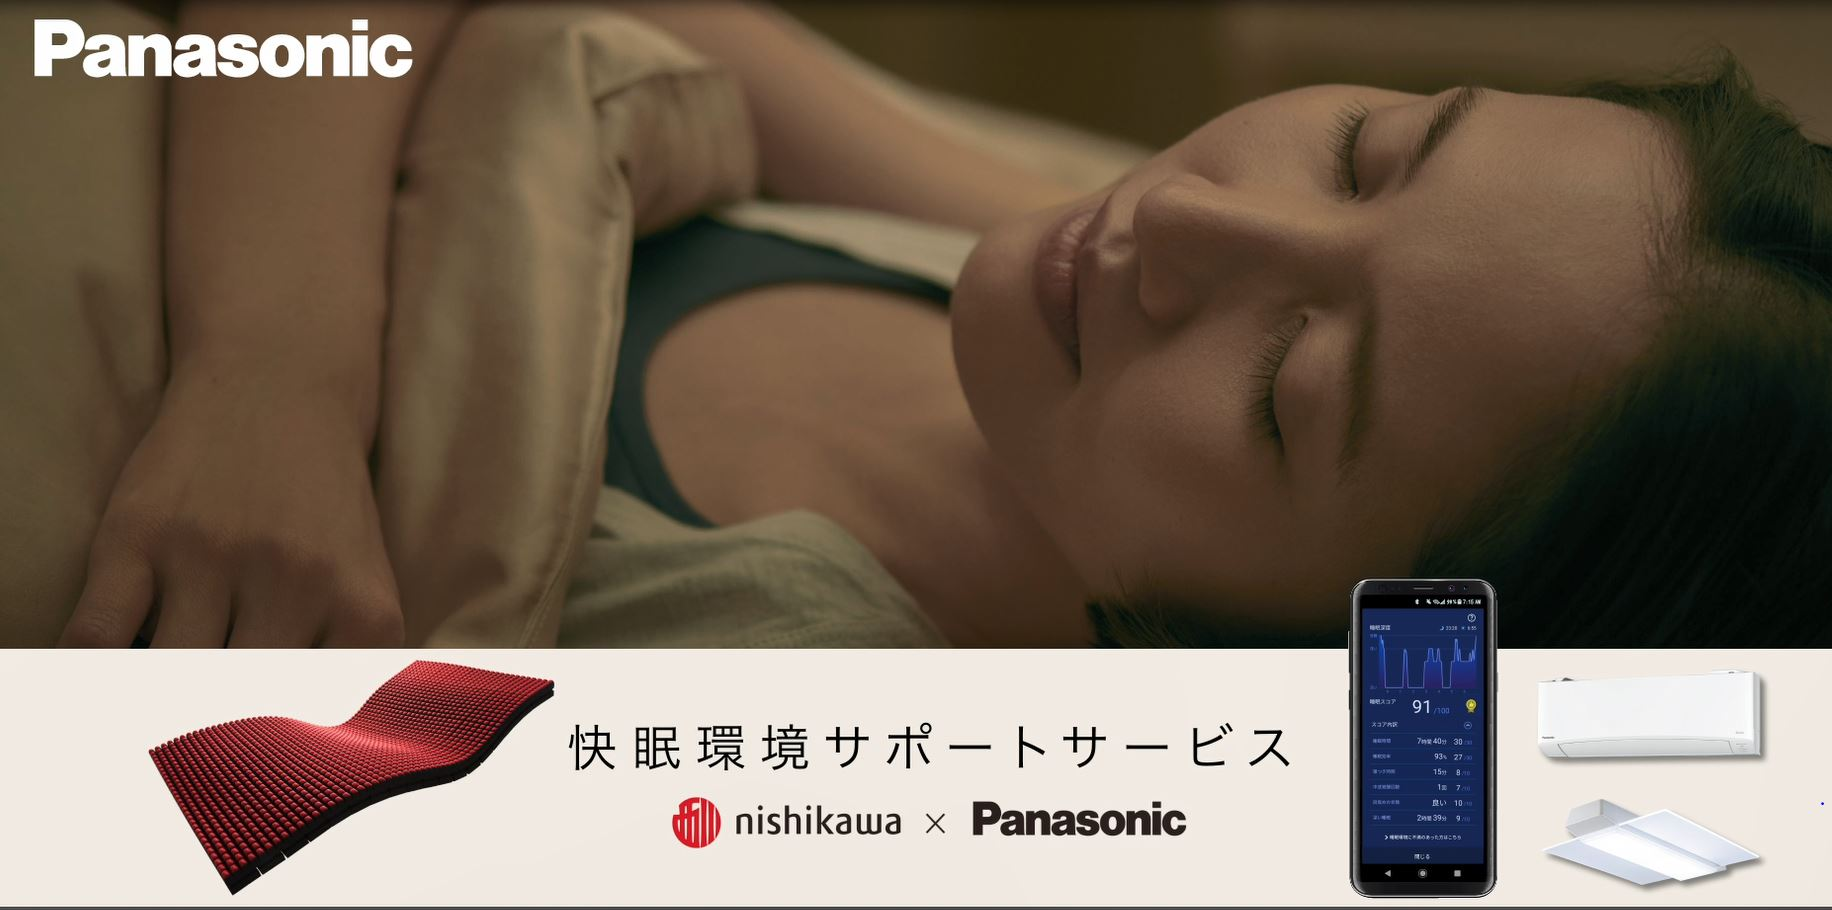 西川とパナソニックが「快眠環境サポートサービス」を共同開発。睡眠データと家電が連携。パナソニックがサ... 画像